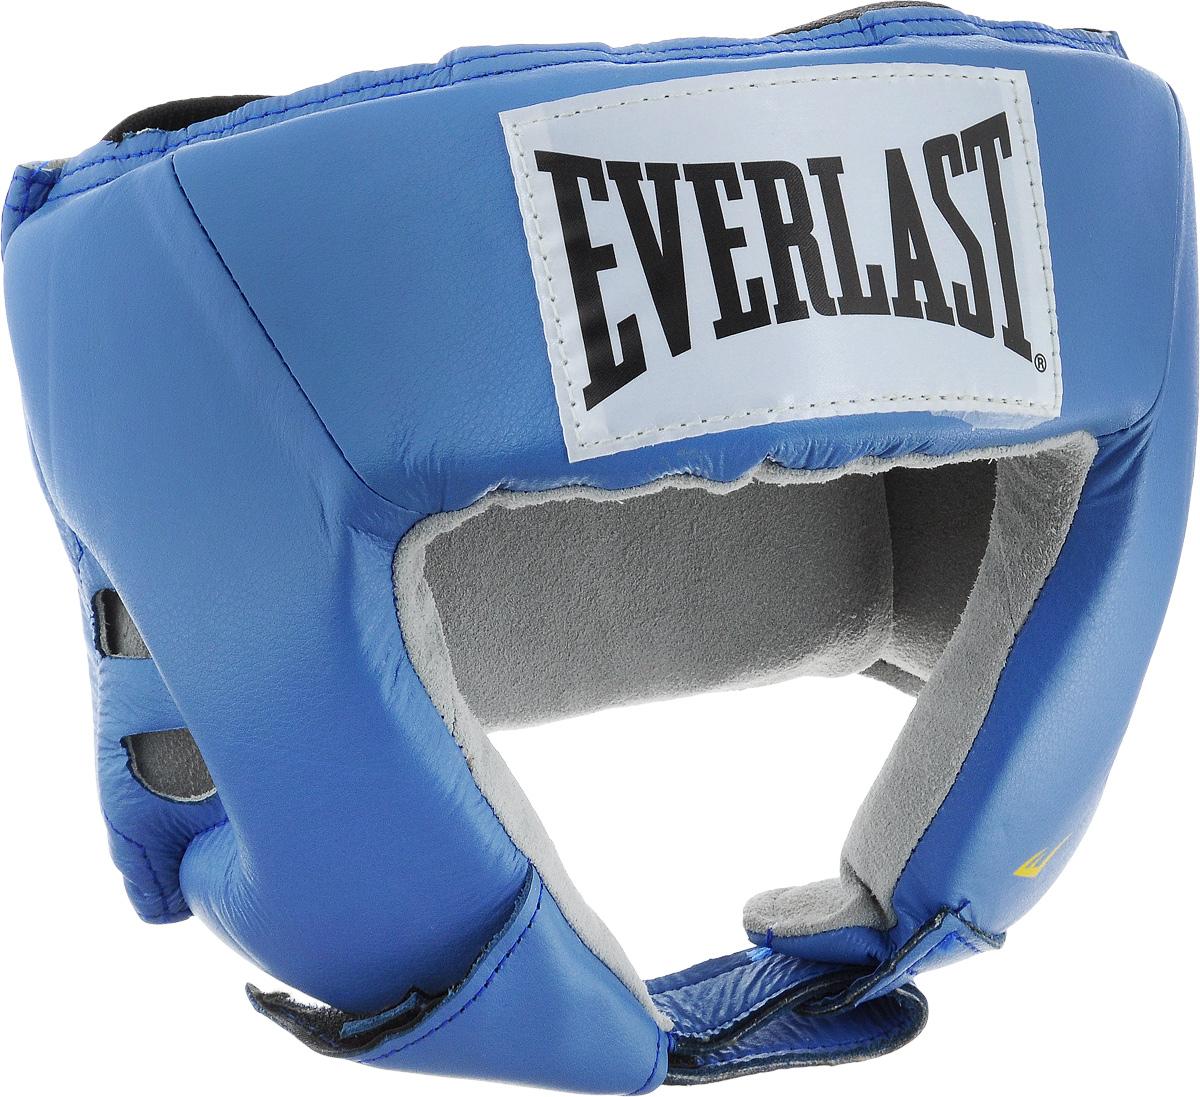 Шлем боксерский Everlast USA Boxing, цвет: синий, белый, черный. Размер M610206UEverlast USA Boxing - боксерский шлем, разработанный для выступления на любительских соревнованиях и одобренный ассоциацией USA Boxing. Плотный четырехслойный пенный наполнитель превосходно амортизирует удары и значительно снижает риск травмы. Качественная натуральная кожа (снаружи) и не менее качественная замша (внутри) обеспечивают значительный запас прочности и отличную износоустойчивость. Подгонка под необходимый размер и фиксация на голове происходят за счет затягивающихся шнурков.Если вы еще ищите шлем для предстоящих соревнований, то Everlast USA Boxing - это ваш выбор!Диаметр головы: 16 см.